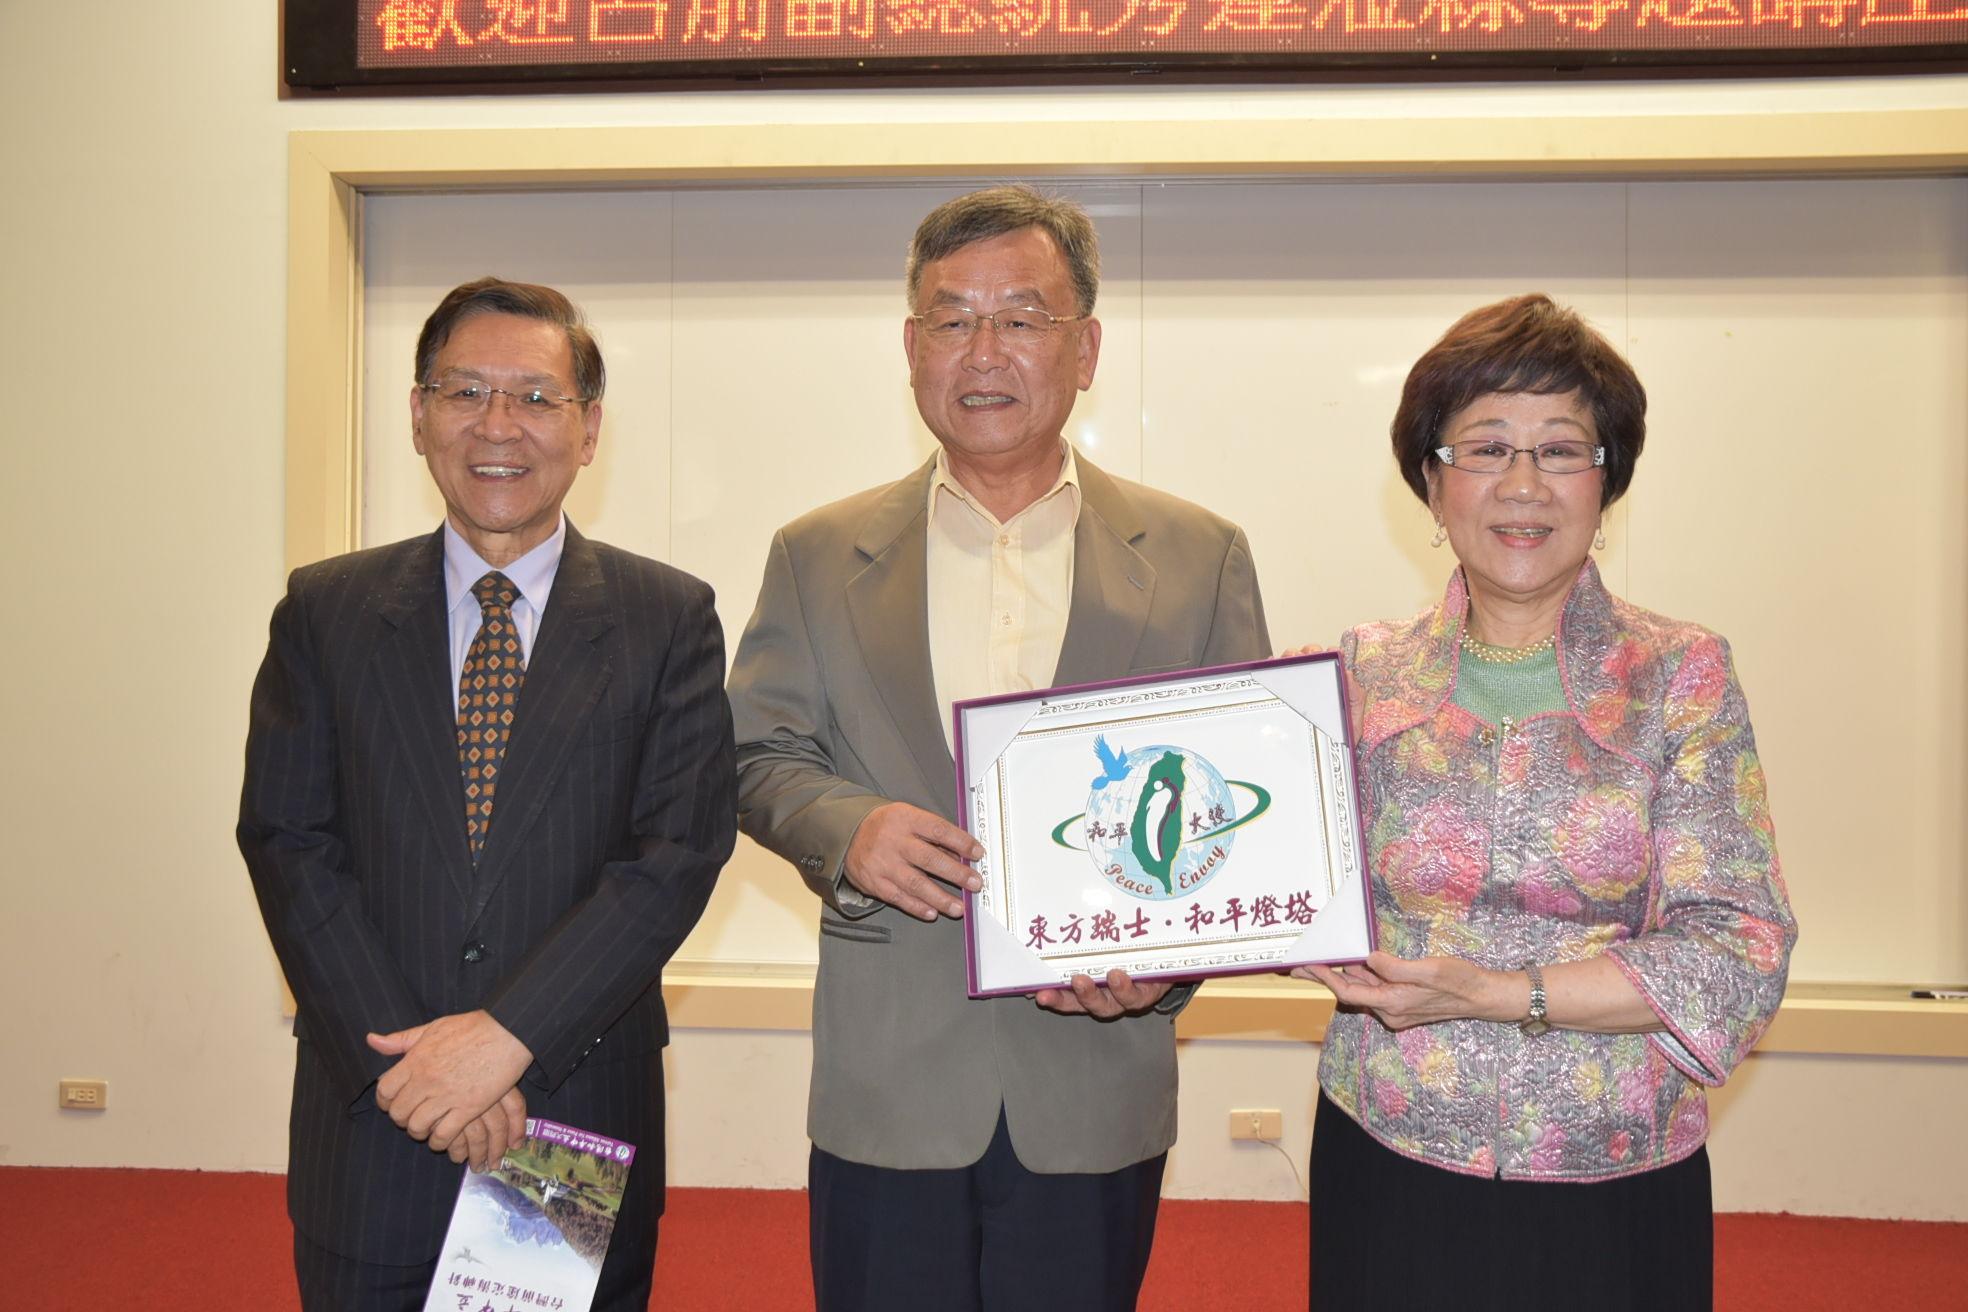 呂秀蓮邀請賴峰偉擔任和平大使